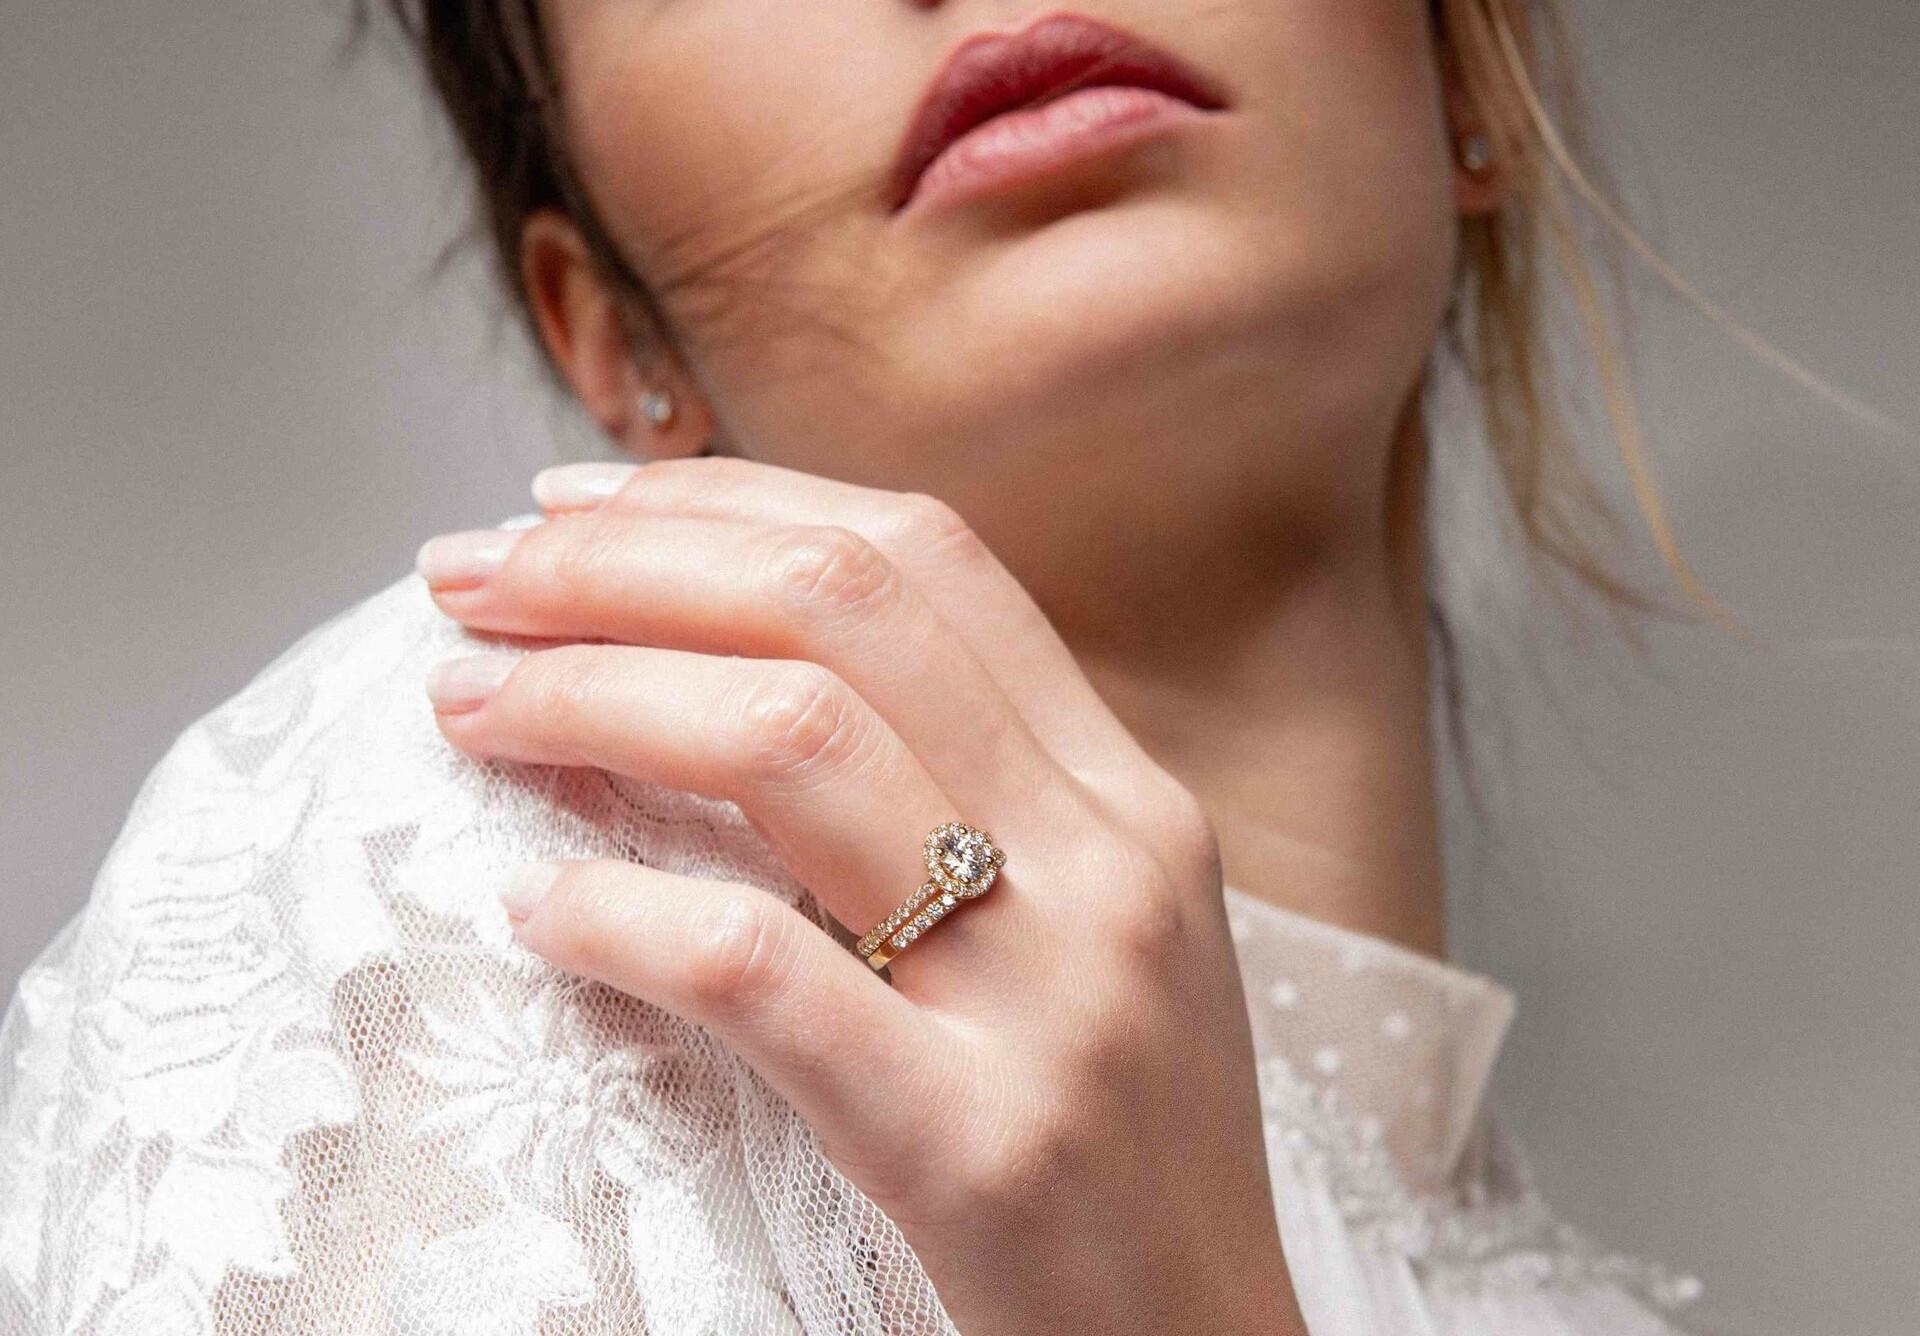 La bague rêvée à portée de clic - diamants de synthèse et or recyclé 18K - Courbet